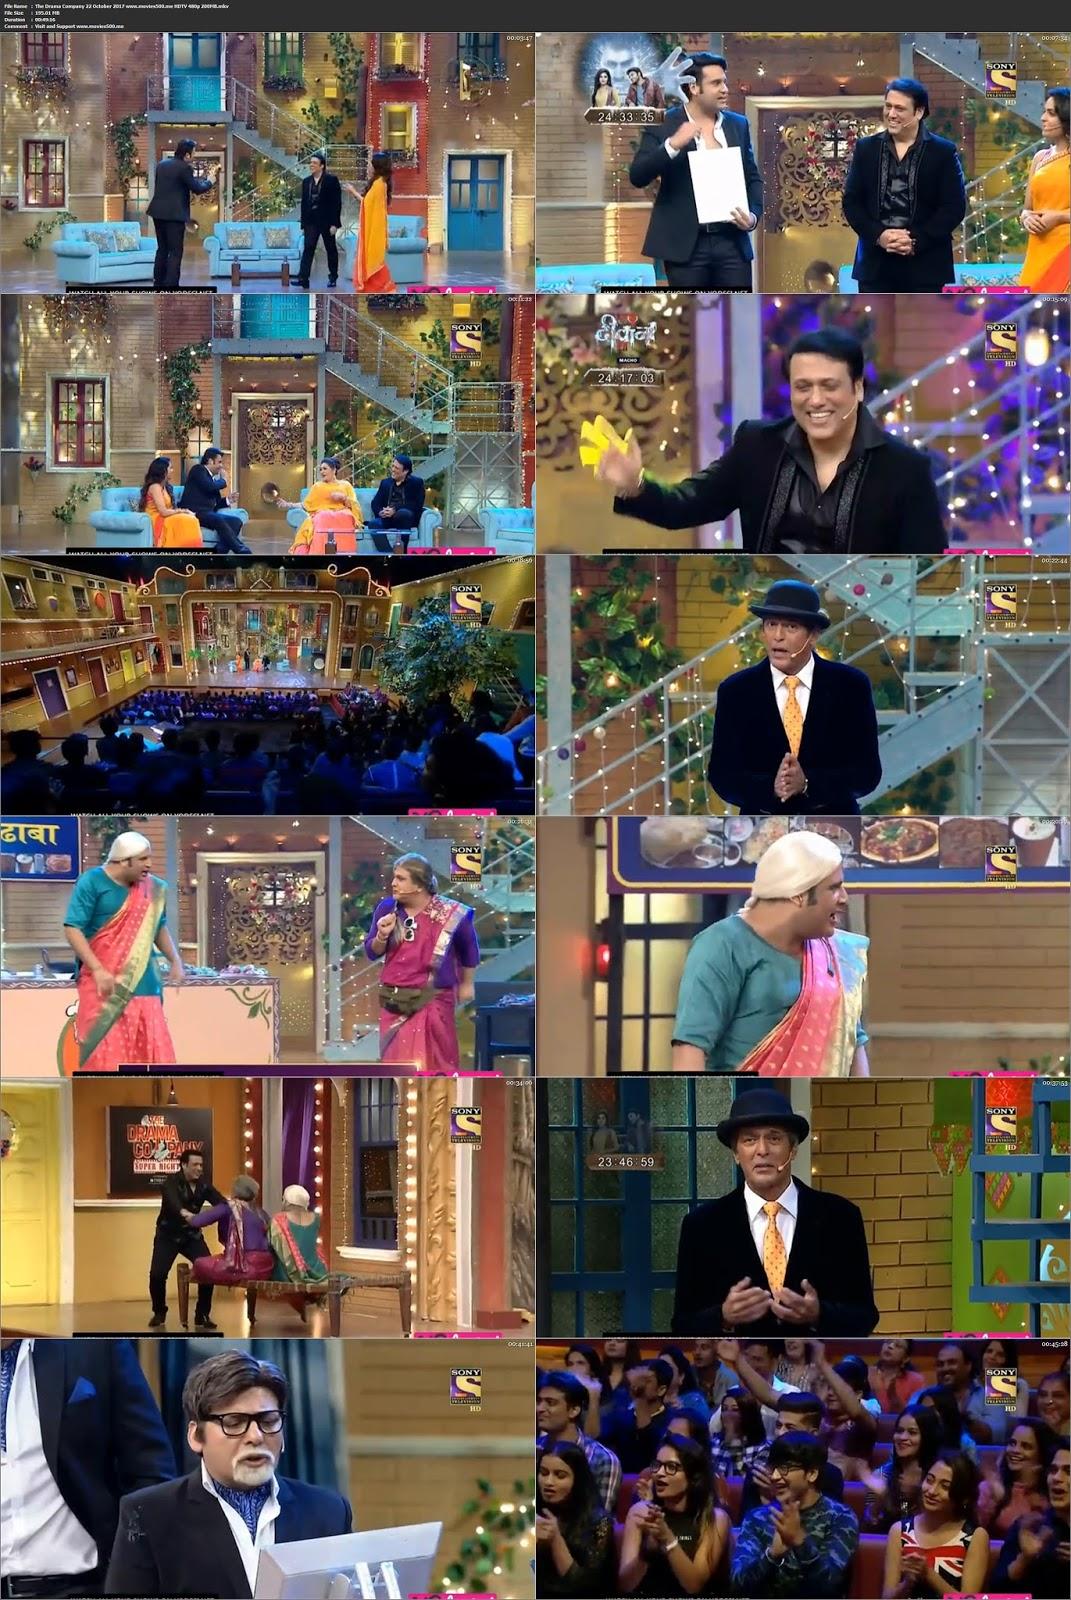 The Drama Company 22 October 2017 Full Show 195MB HDTV 480p at mualfa.net